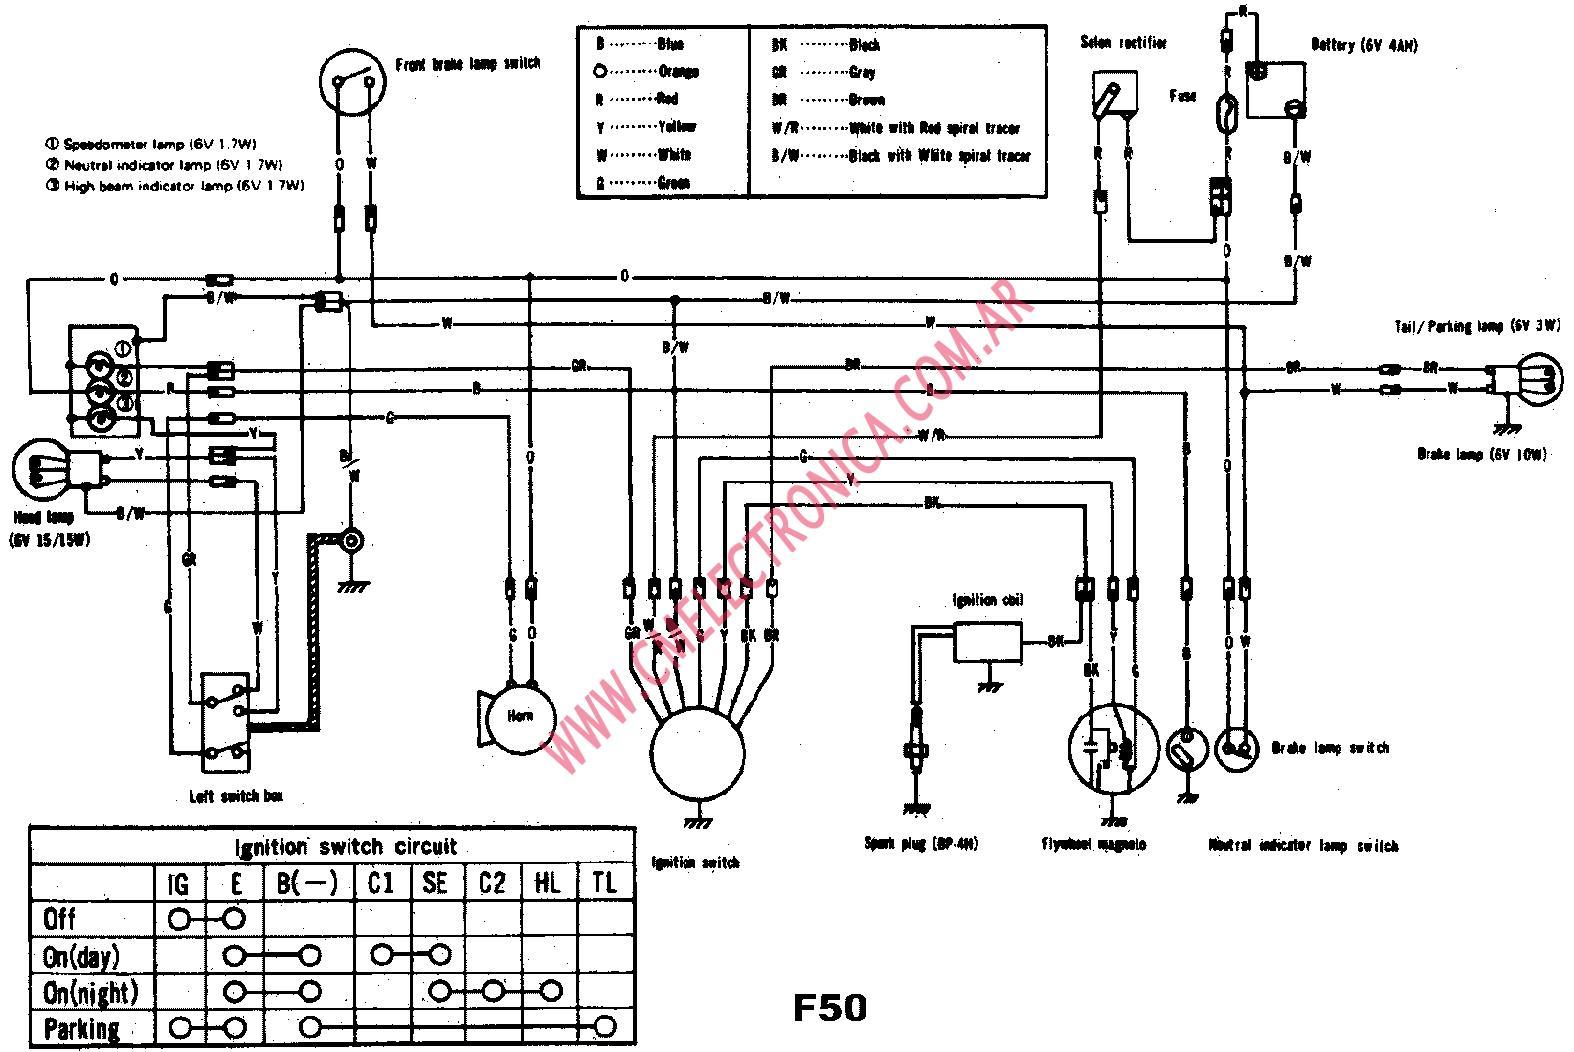 2000 suzuki intruder 1500 wiring diagram 2013 ford explorer for a 1996 1400